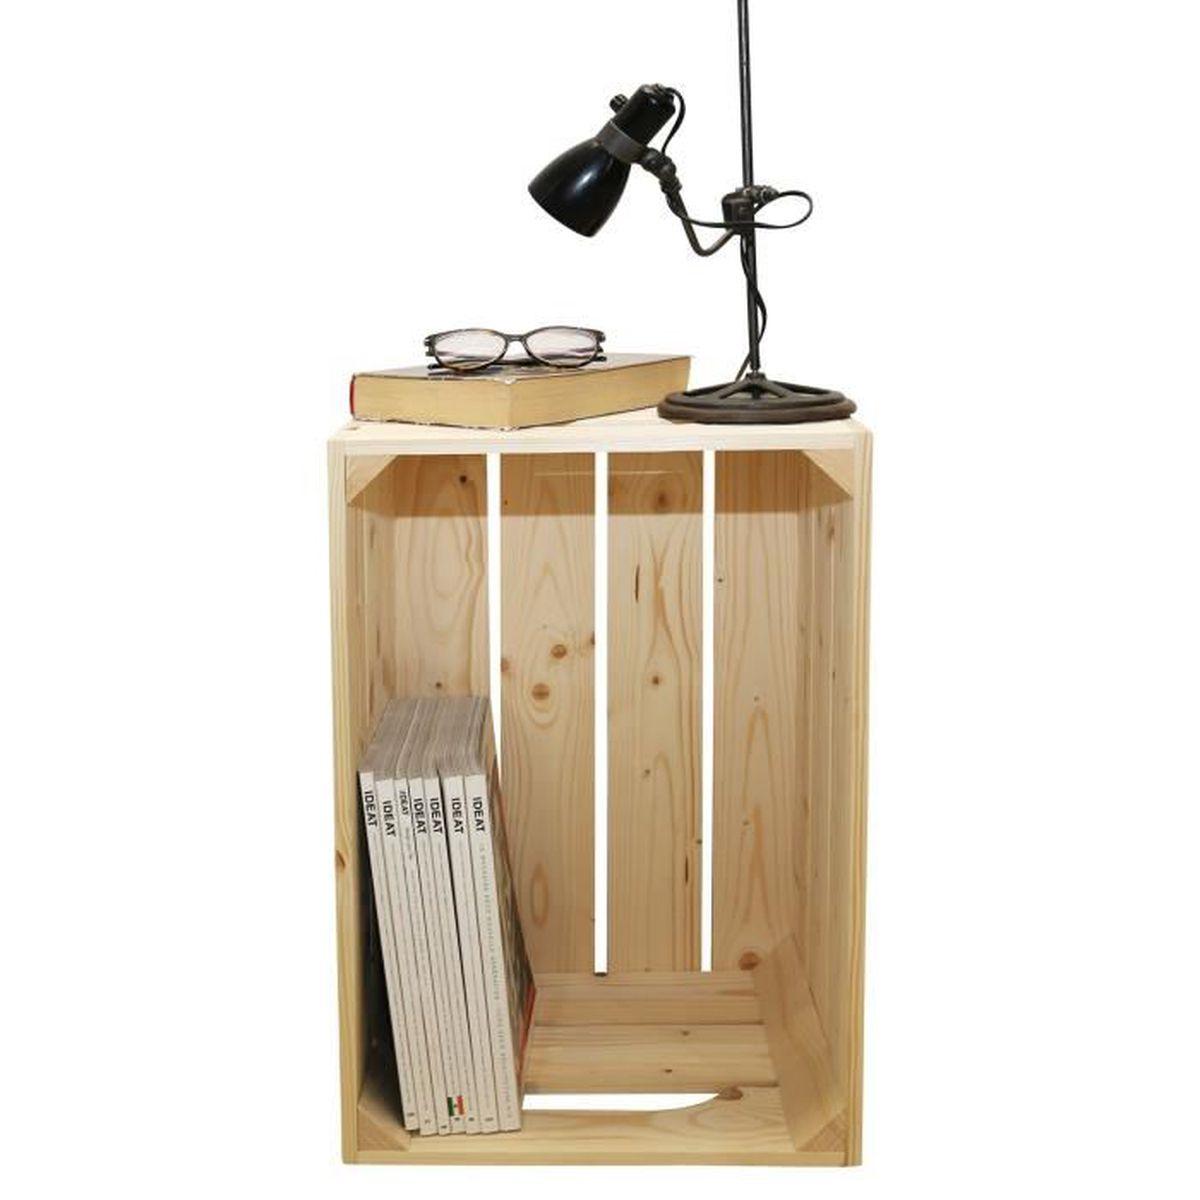 chevet 1s kit pr t assembler caisses en bois 54x36x30cm fabriqu e main en france achat. Black Bedroom Furniture Sets. Home Design Ideas